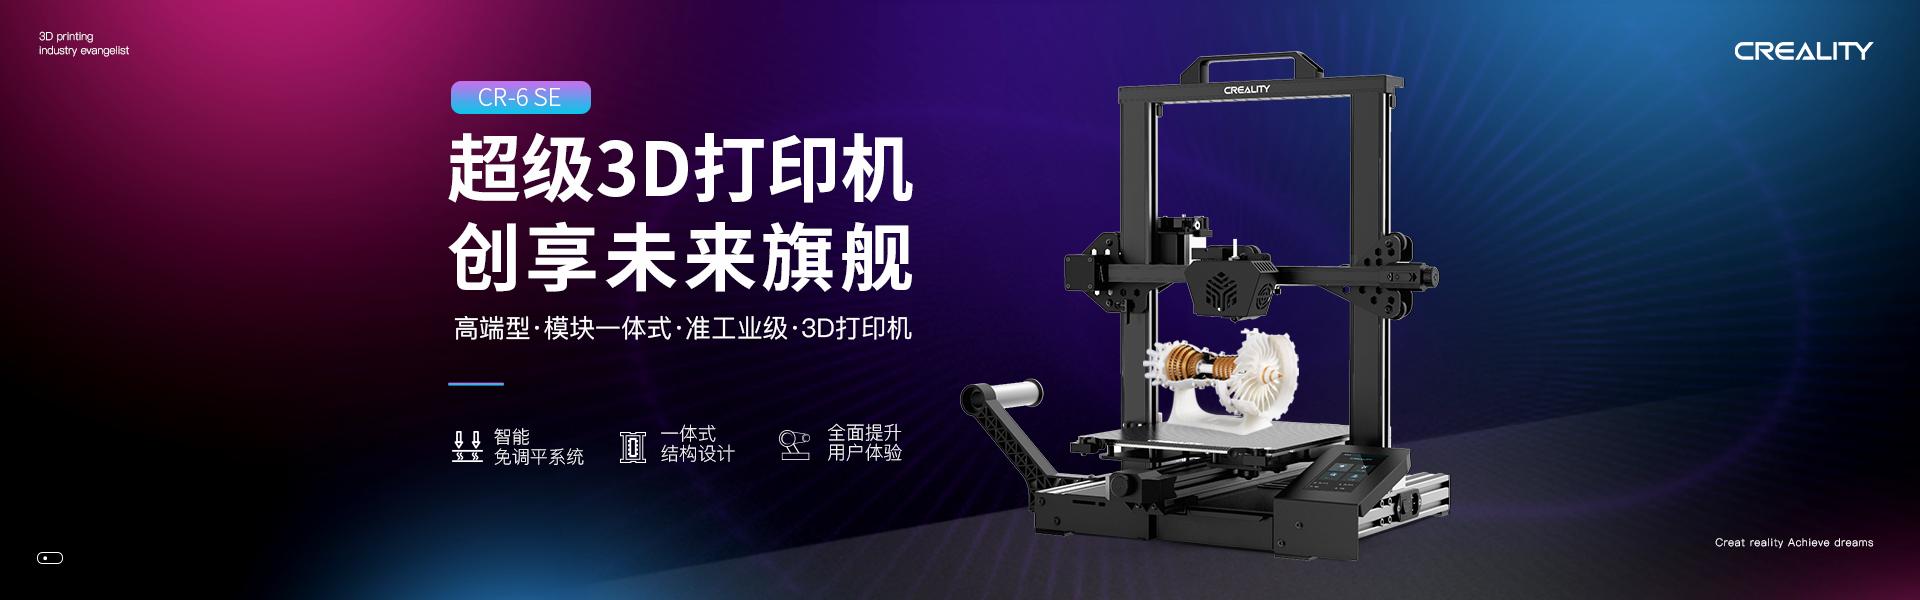 卓越品质 | CR-6 SE 3D打印机 为创意而生